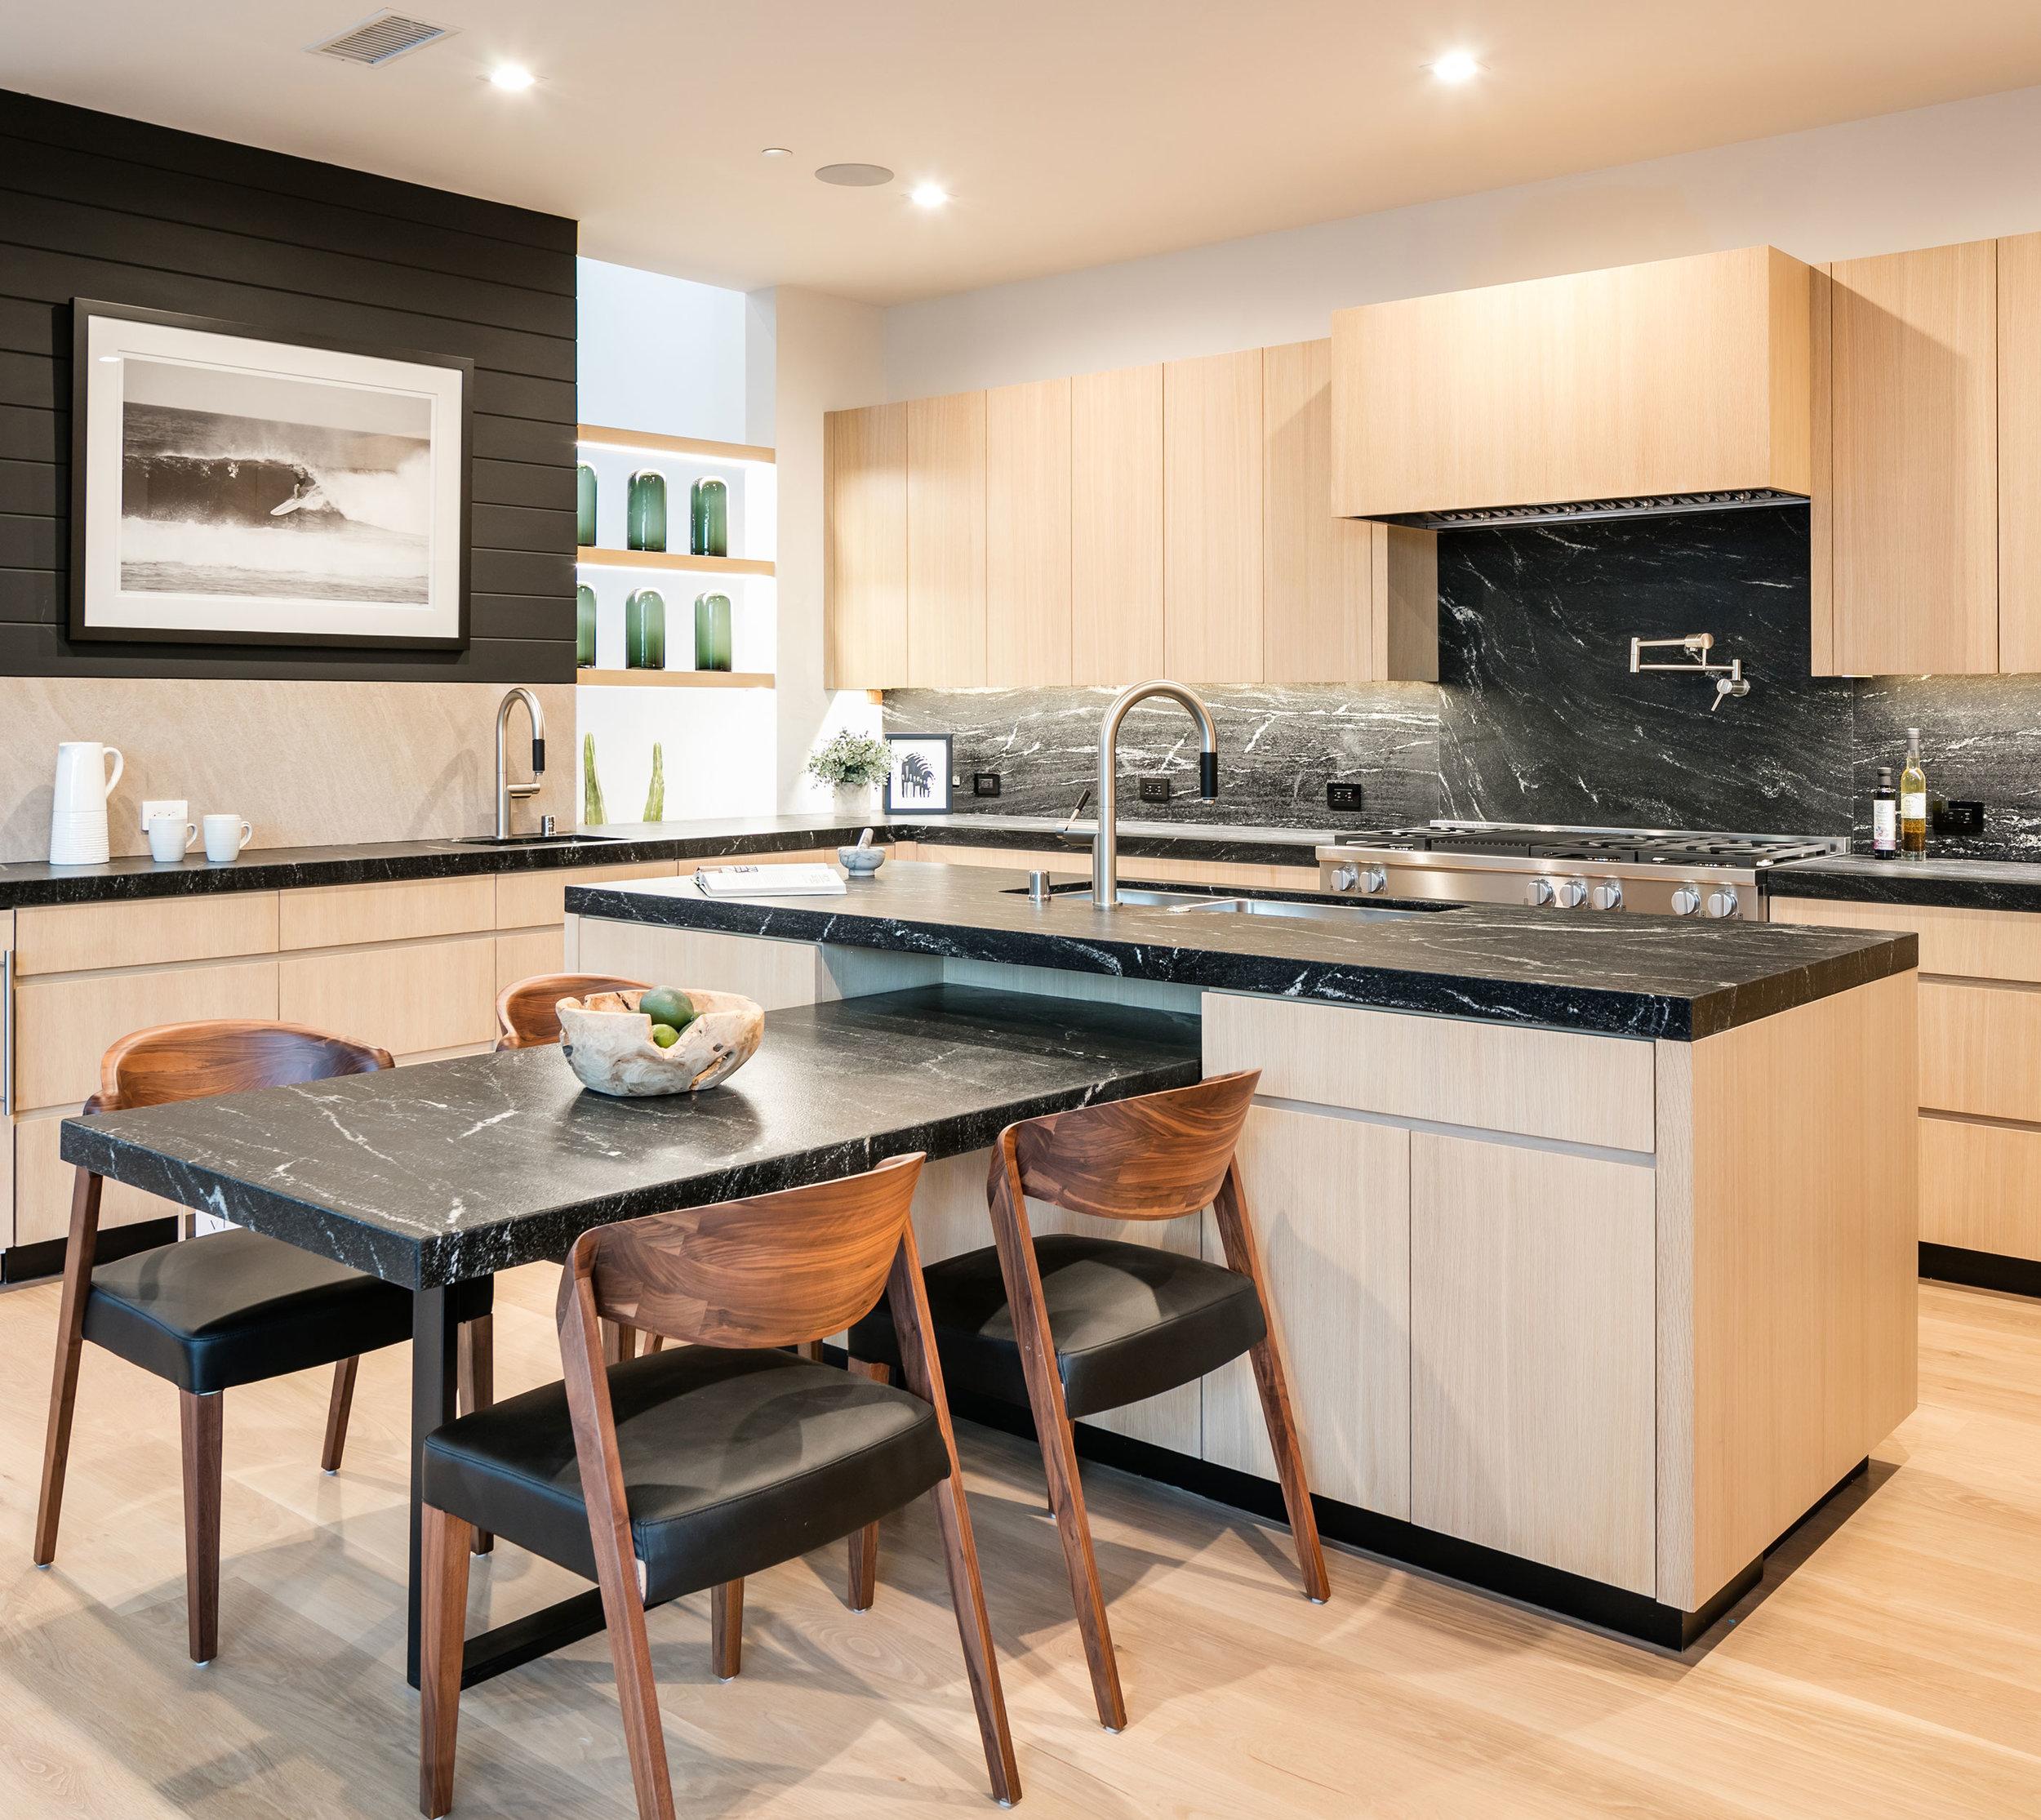 6-Kitchen-modern-architecture-LosAngeles-SiliconBay.jpg